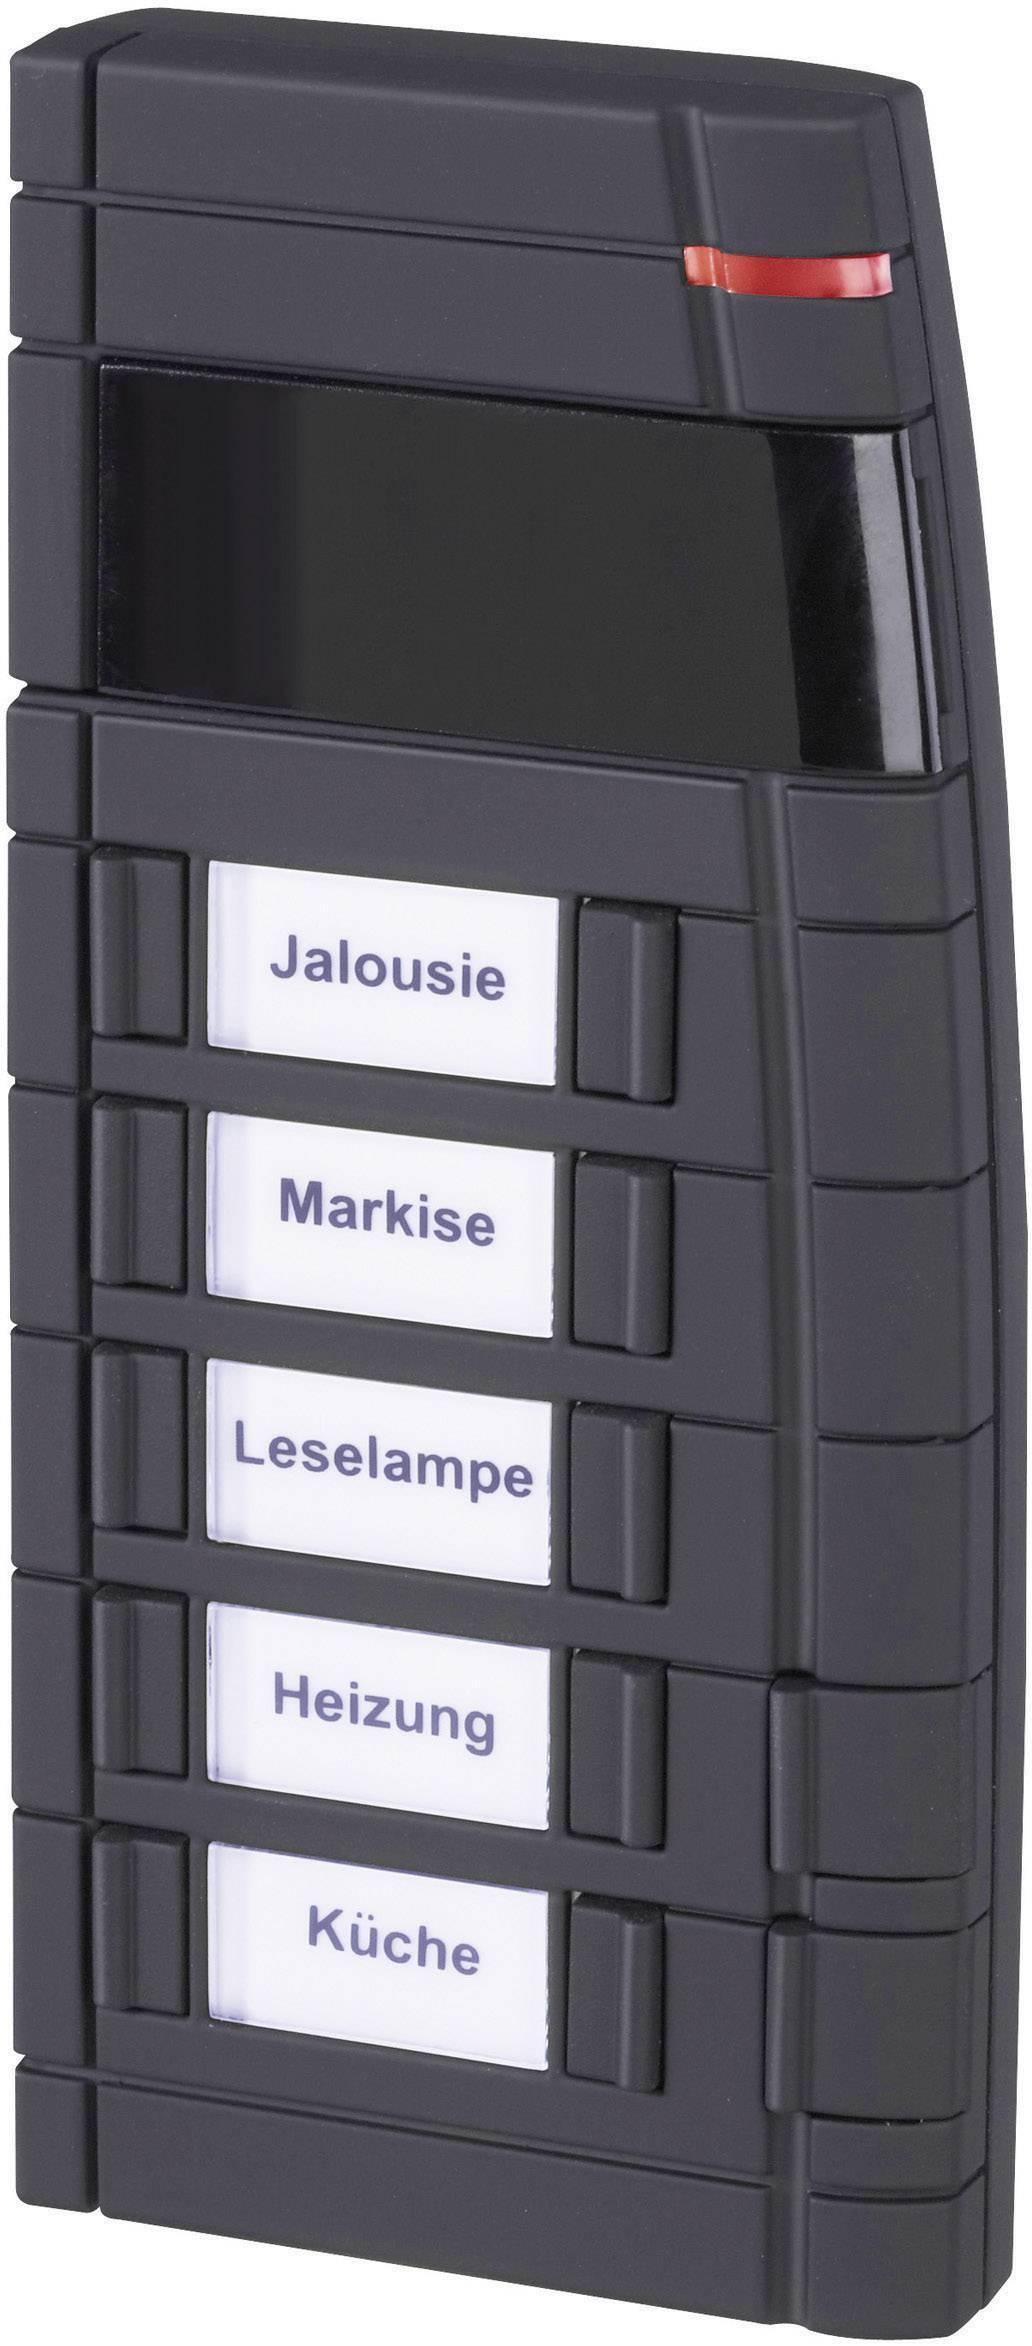 Diaľkové ovládanie HomeMatic s 12 tlačidlami